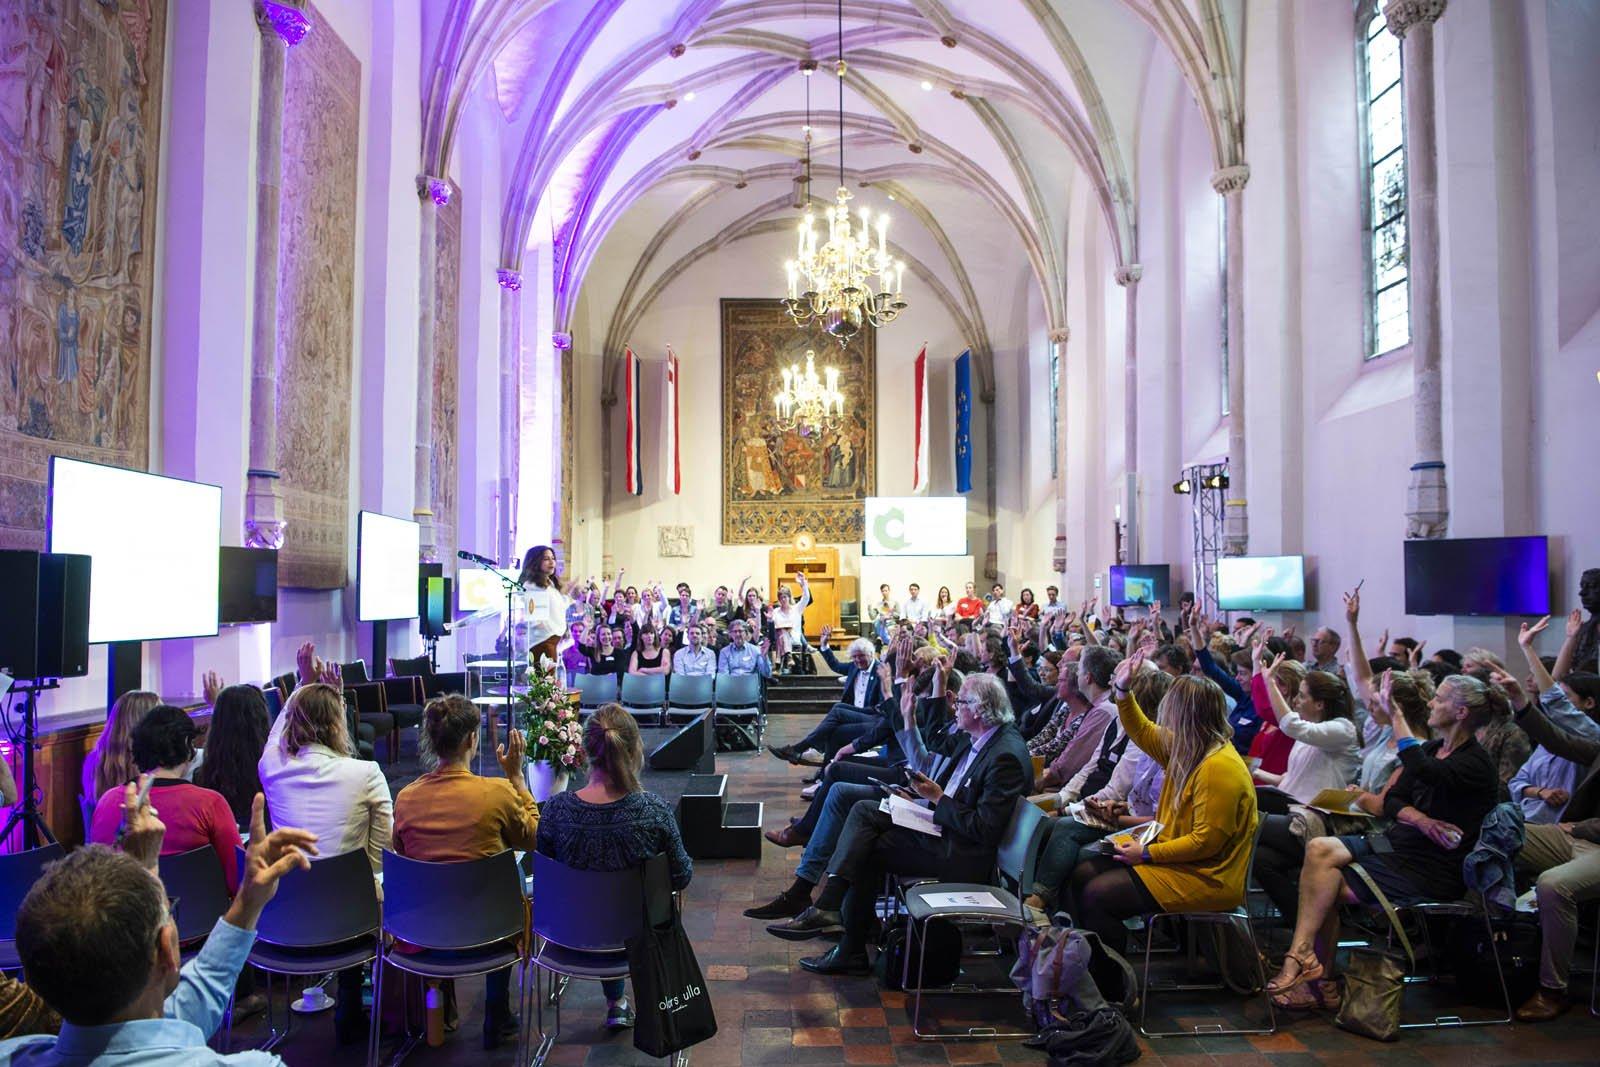 Volle aula in het Academiegebouw tijdens het Social Entrepreneurship Festival 2018